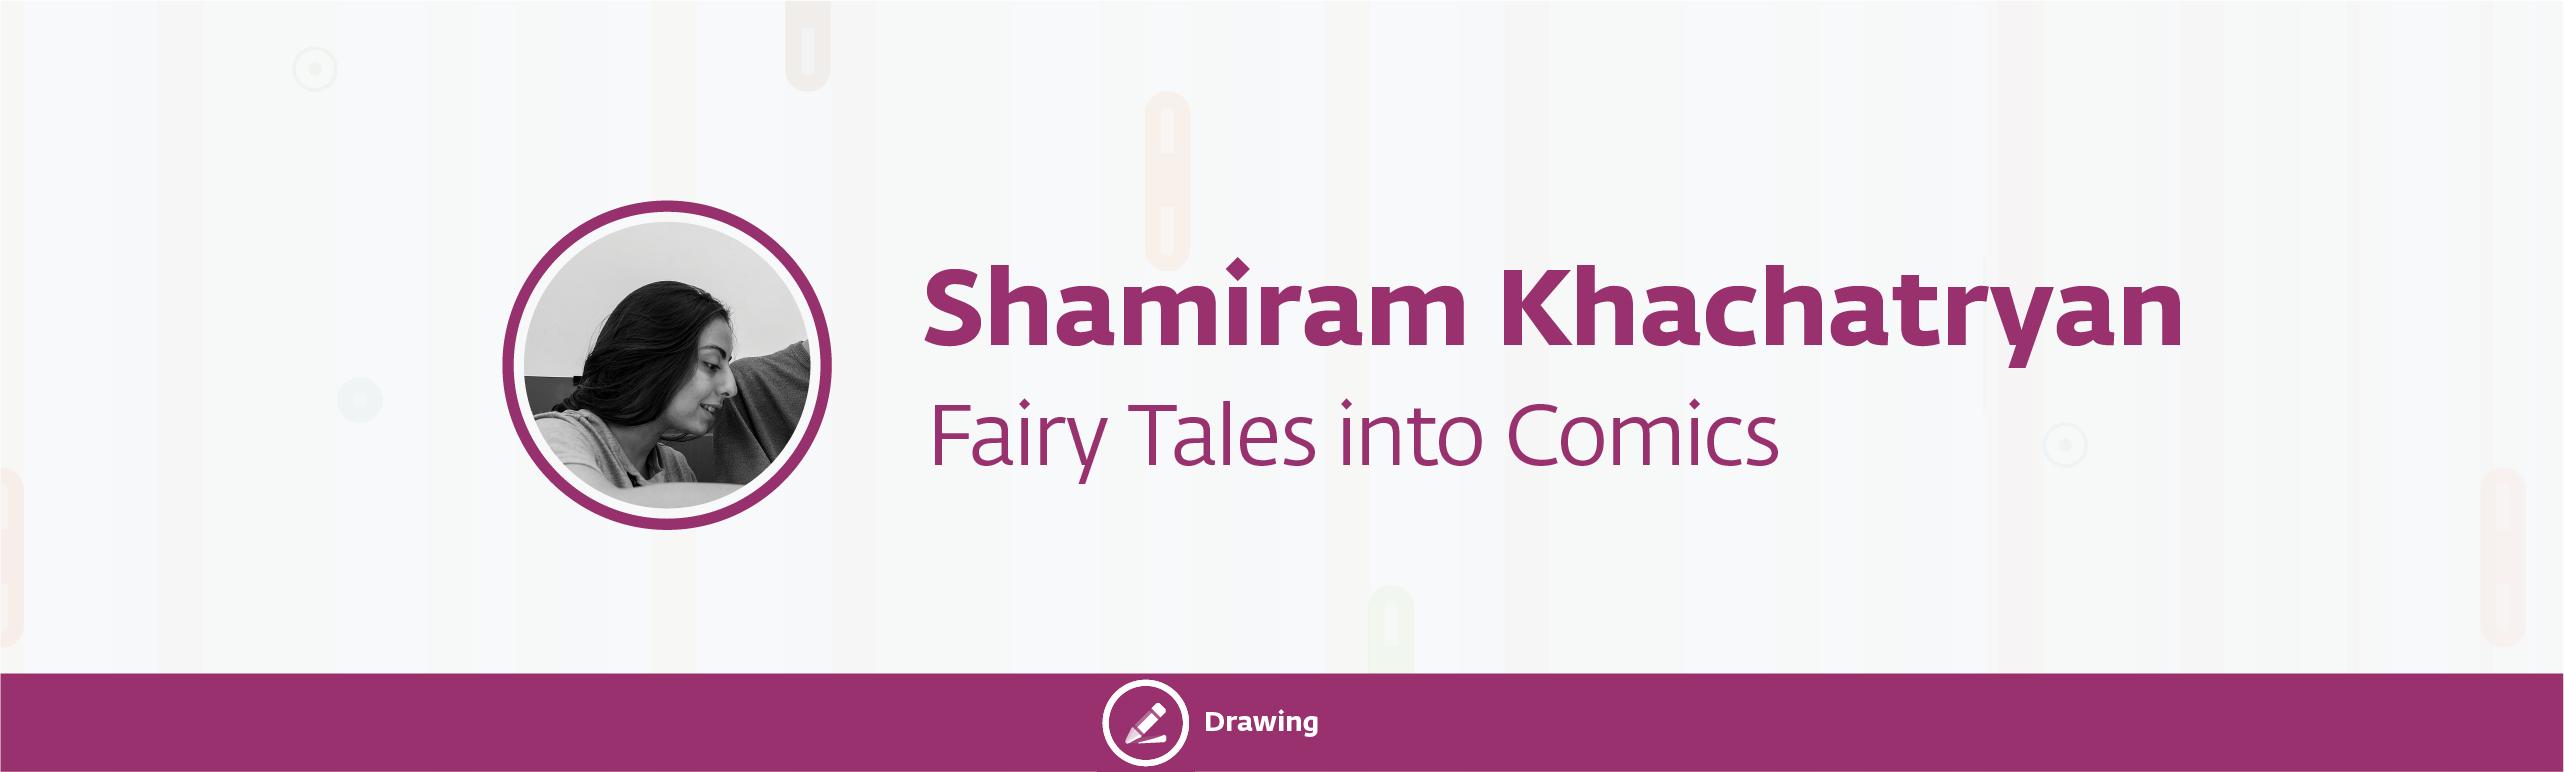 sona shamiram 50 - Fairy Tales into Comics